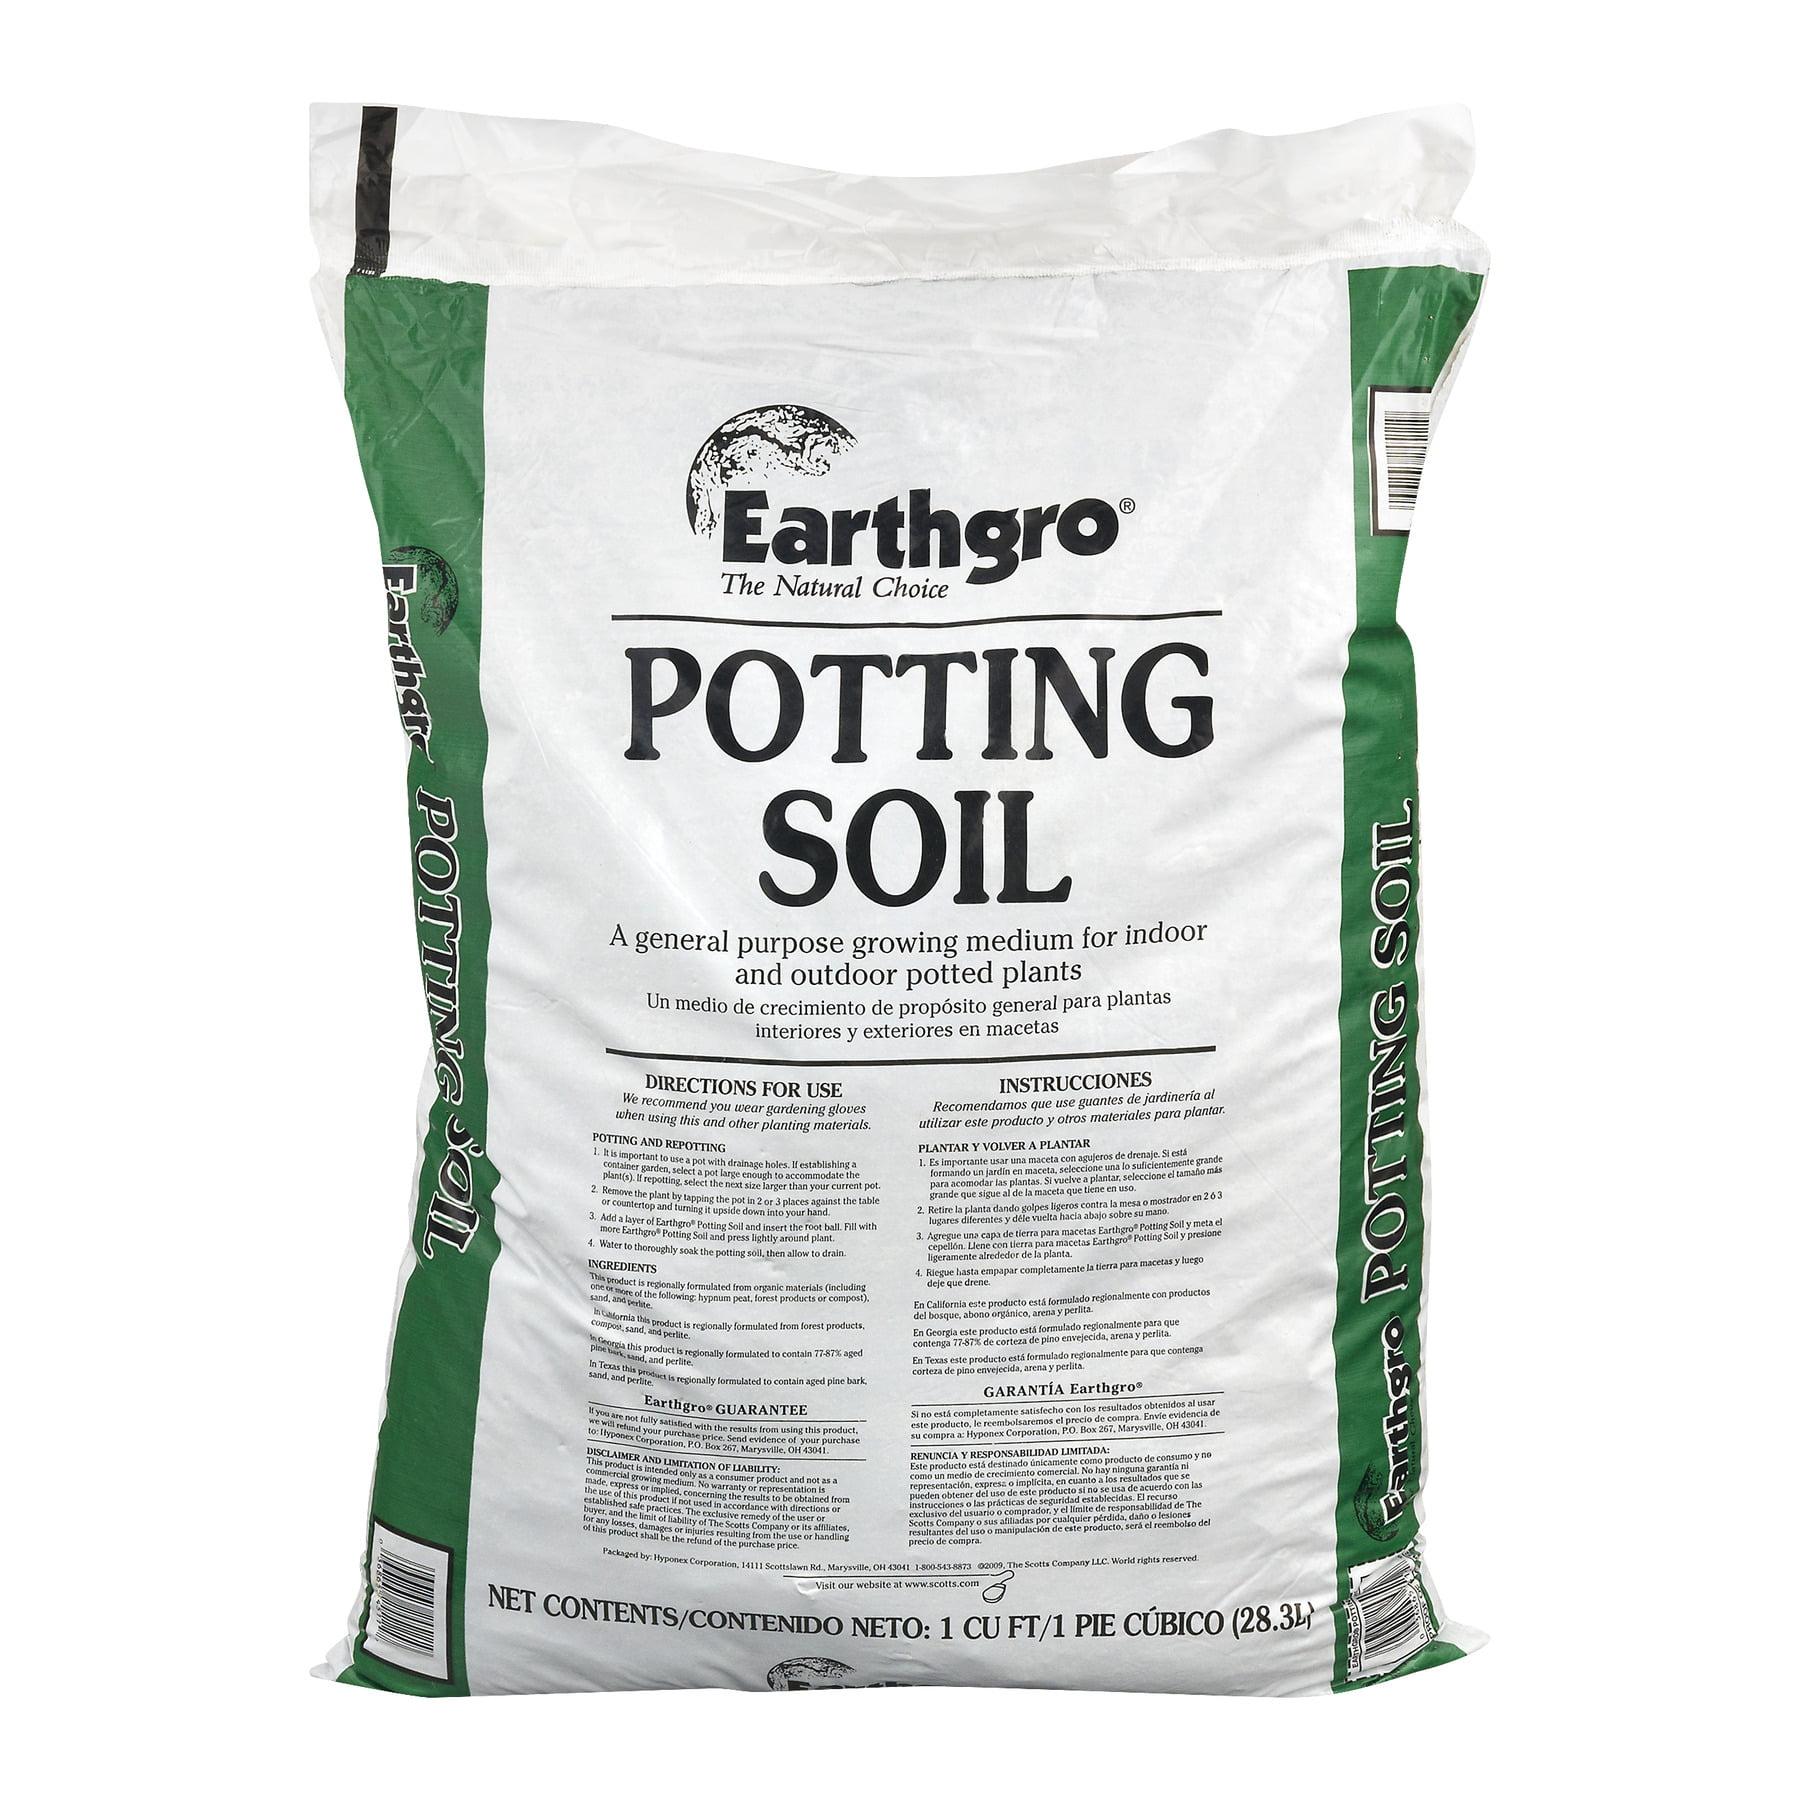 Earthgro Potting Soil, 28.3 L